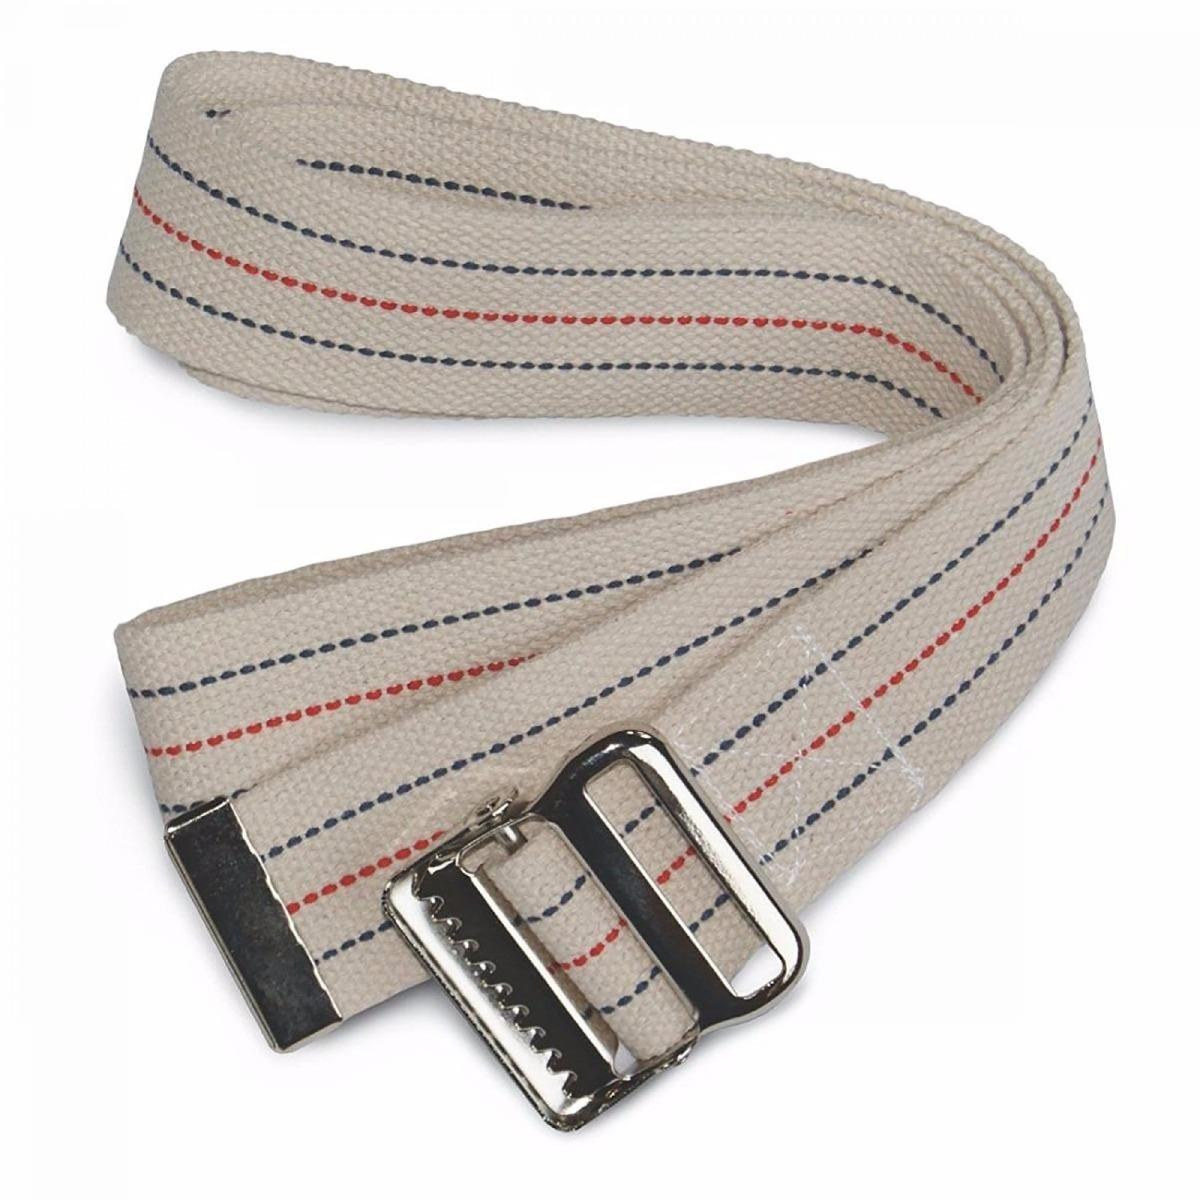 Gait belt by Sammons Preston